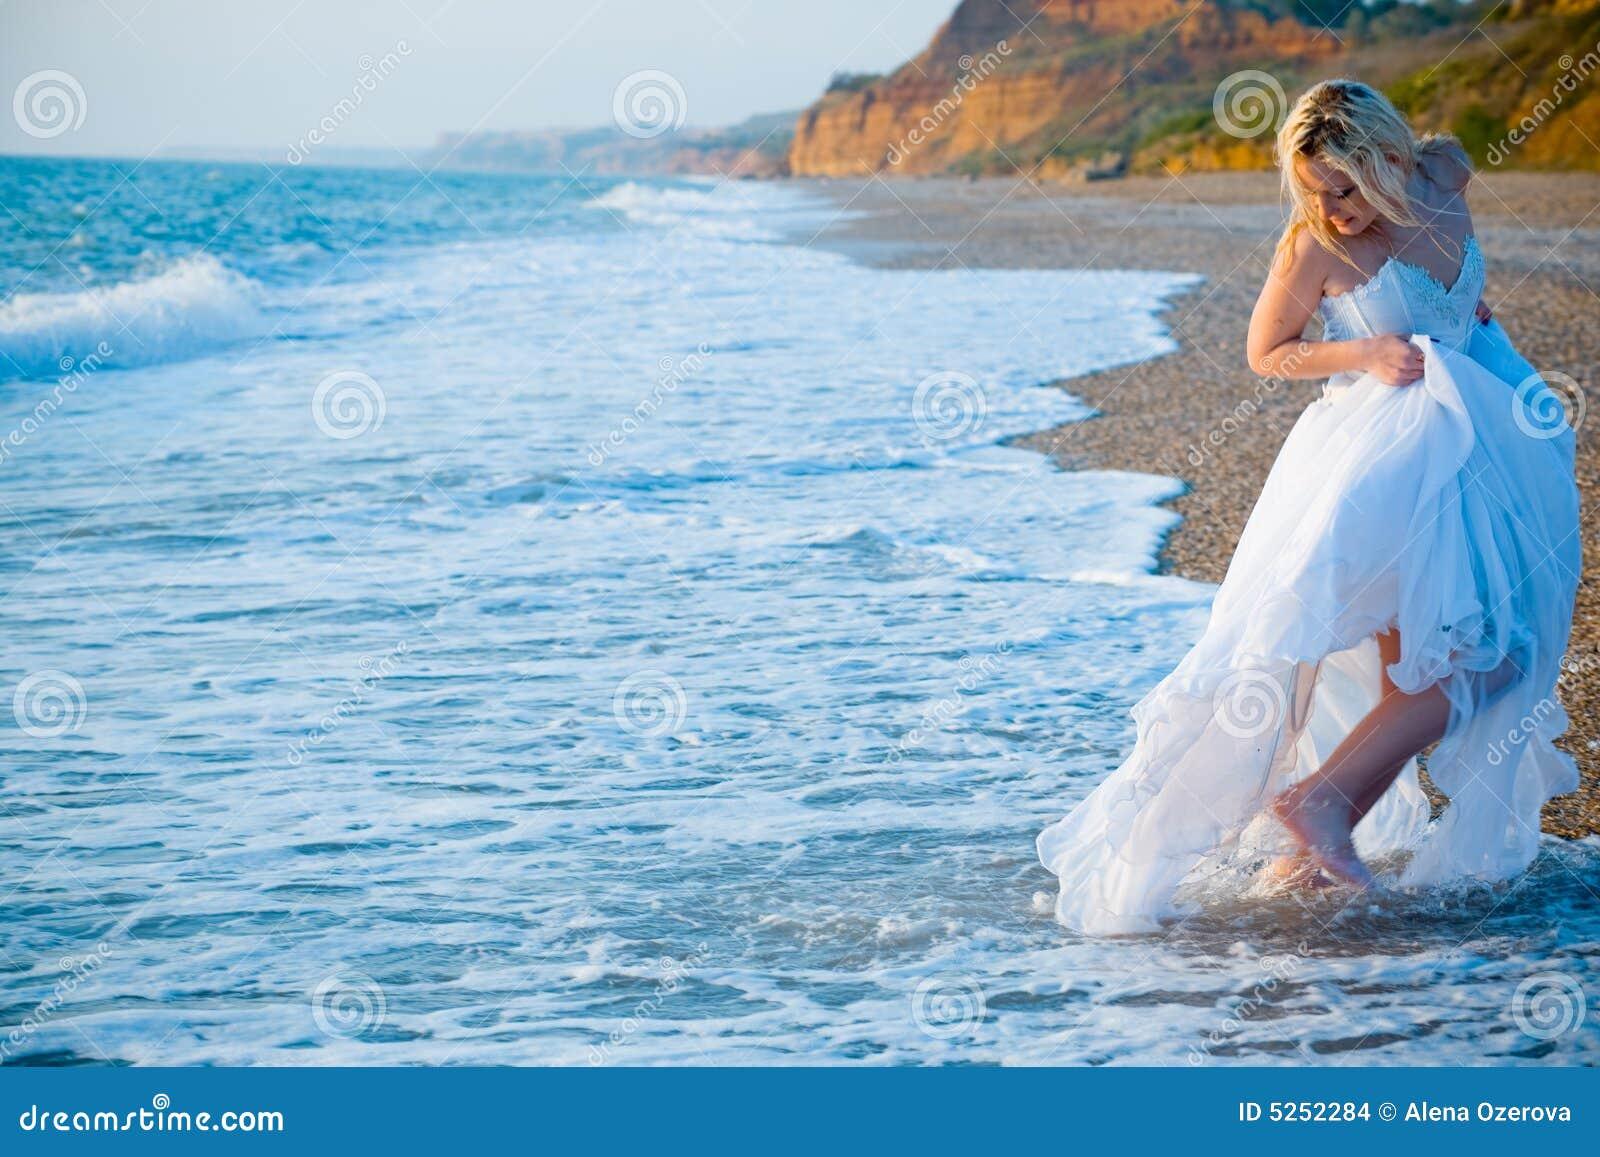 Sposa che funziona a partire dalle onde del mare for Sposa che corre